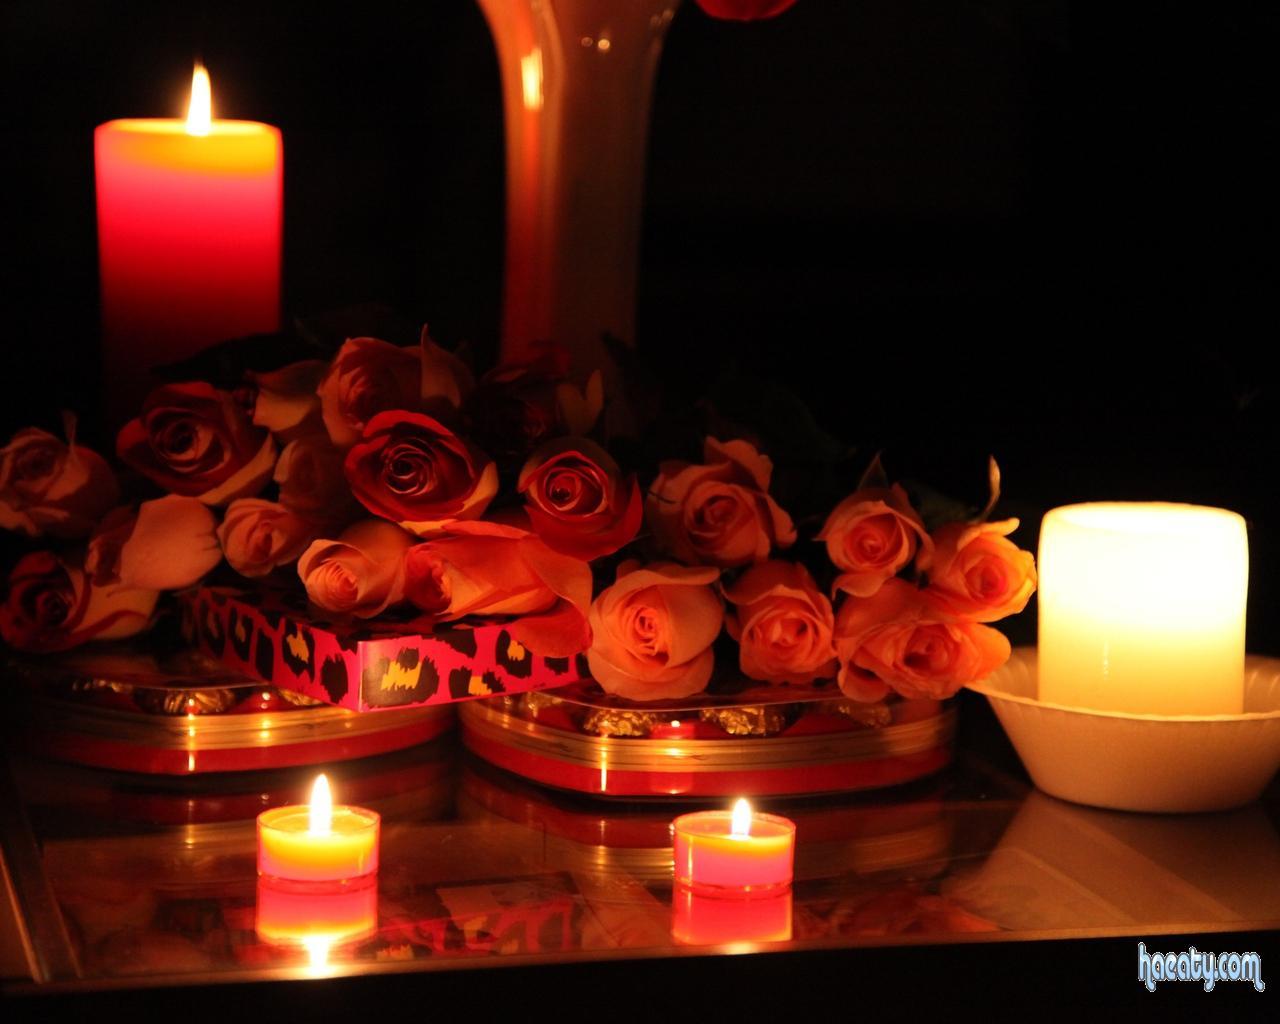 رومانسية 2014 الرومانسية 2014 1378516489312.jpg